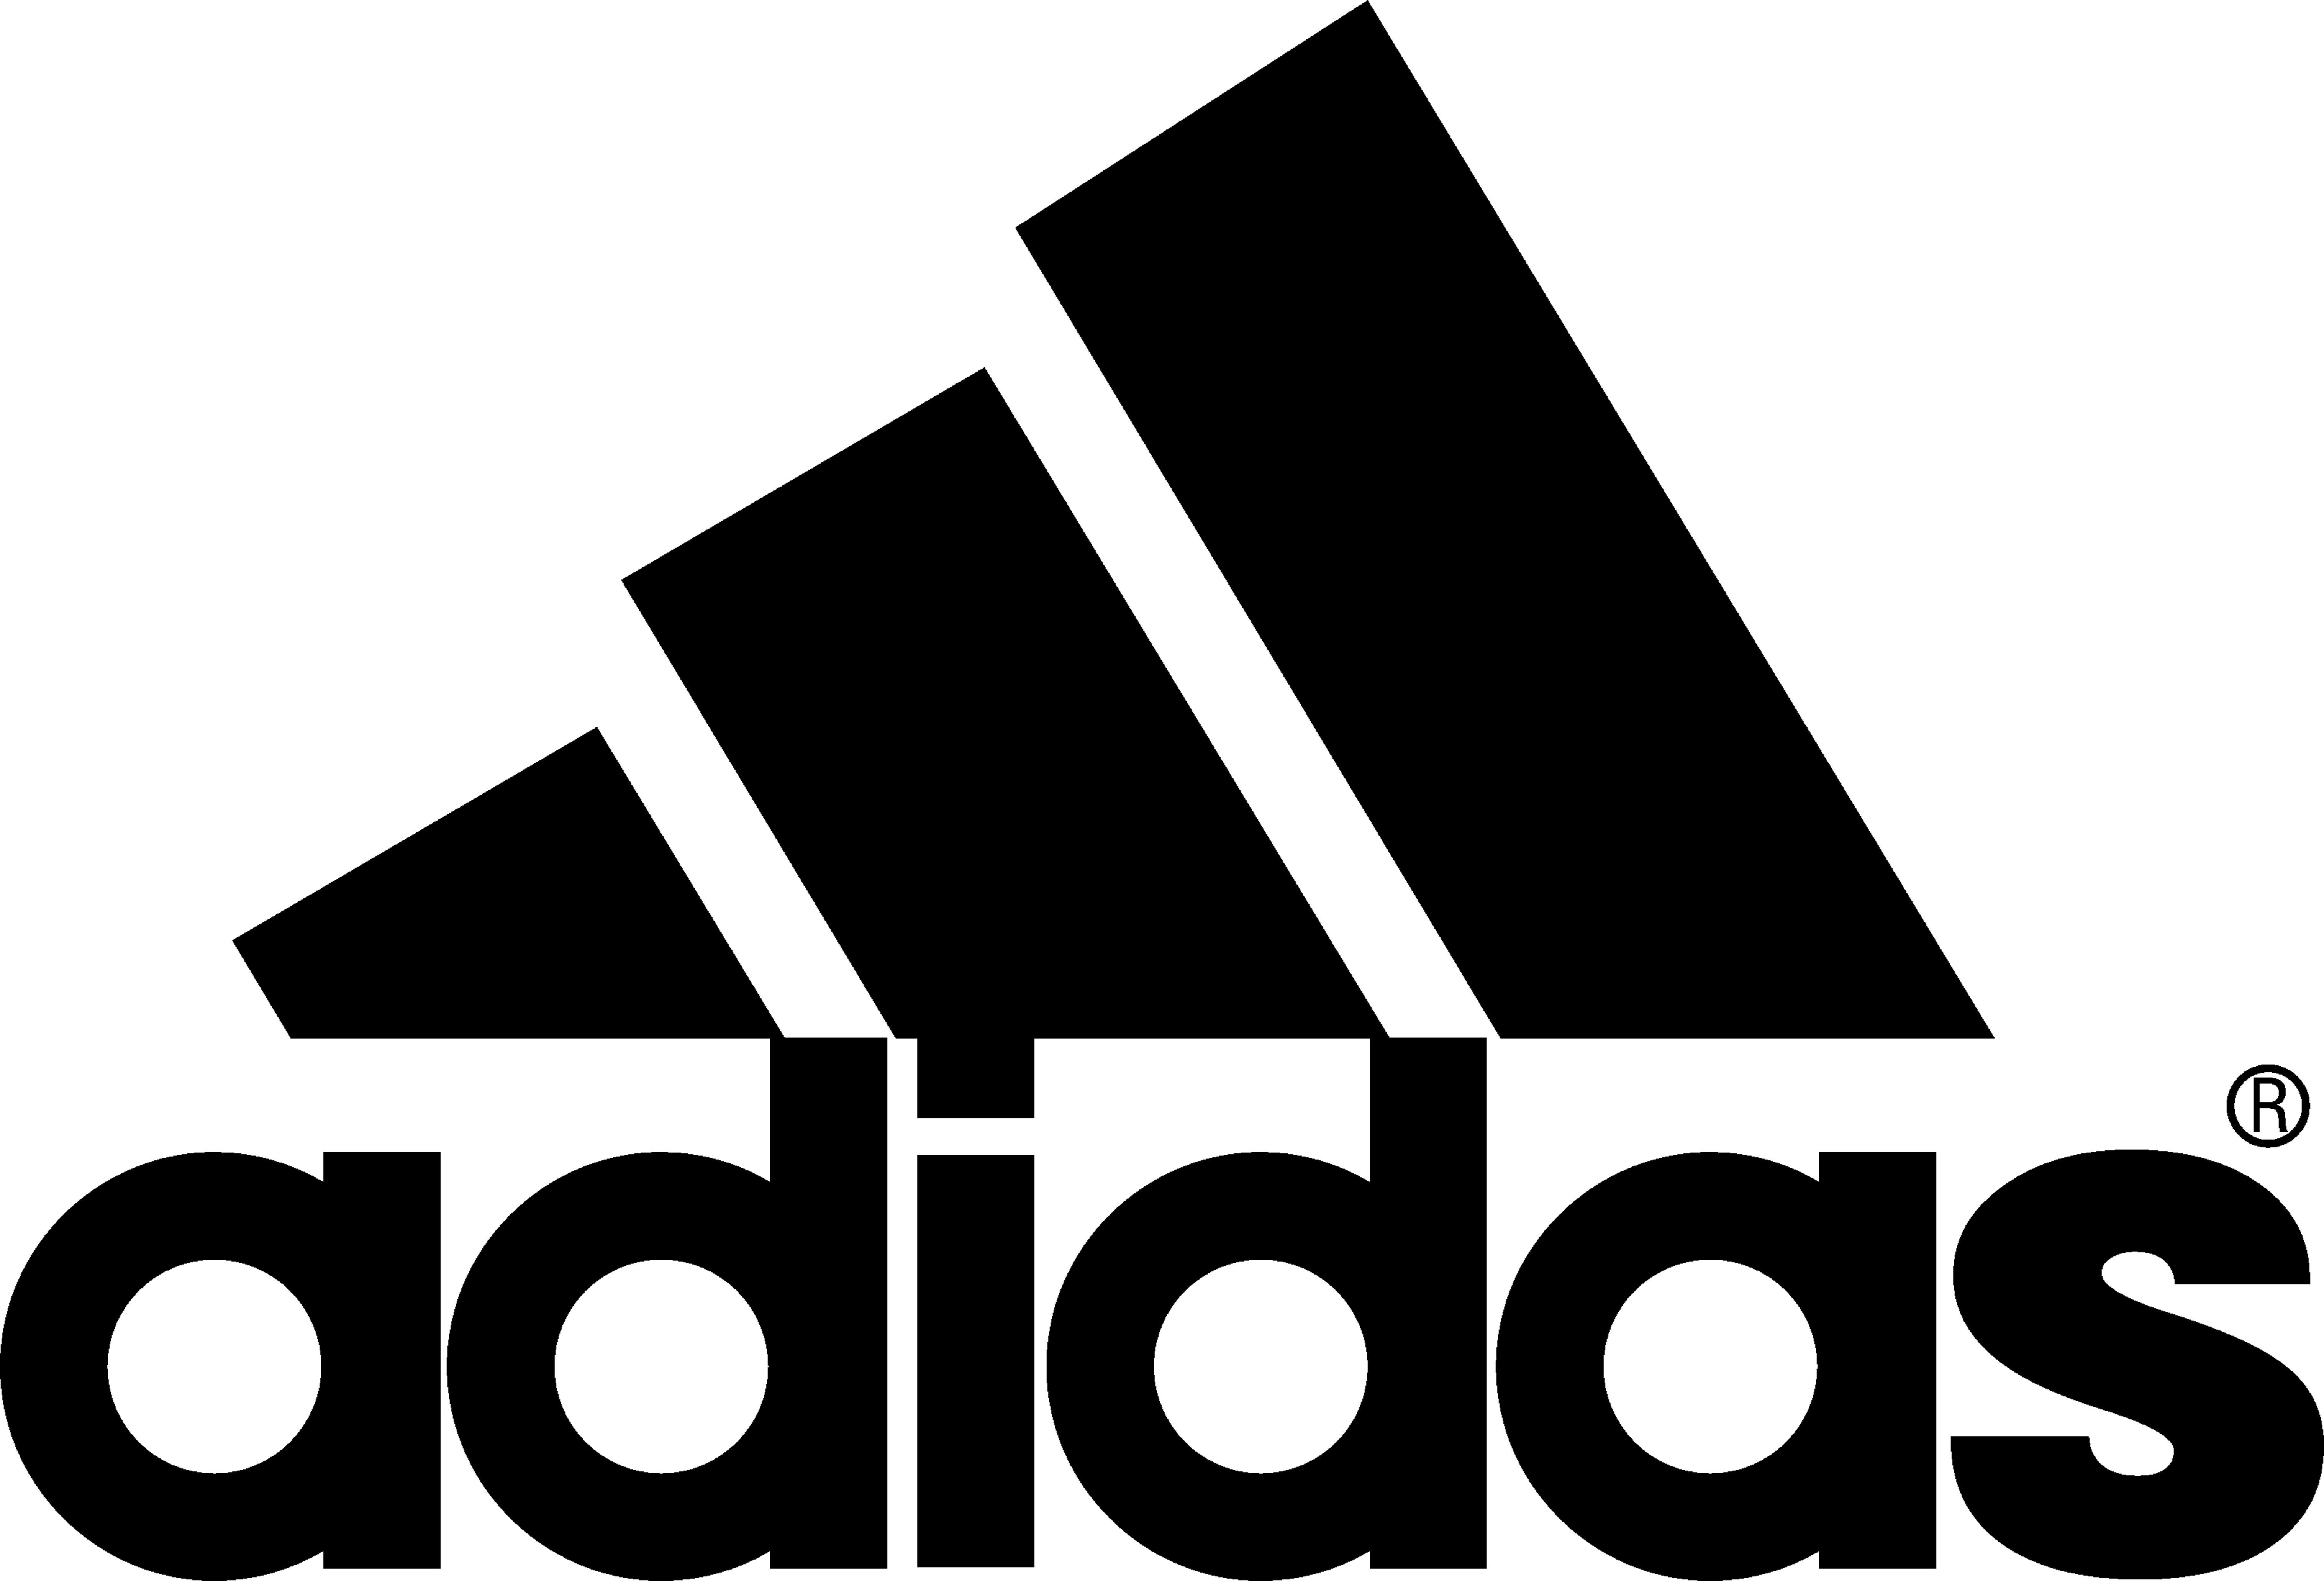 2.-7.5. Adidas